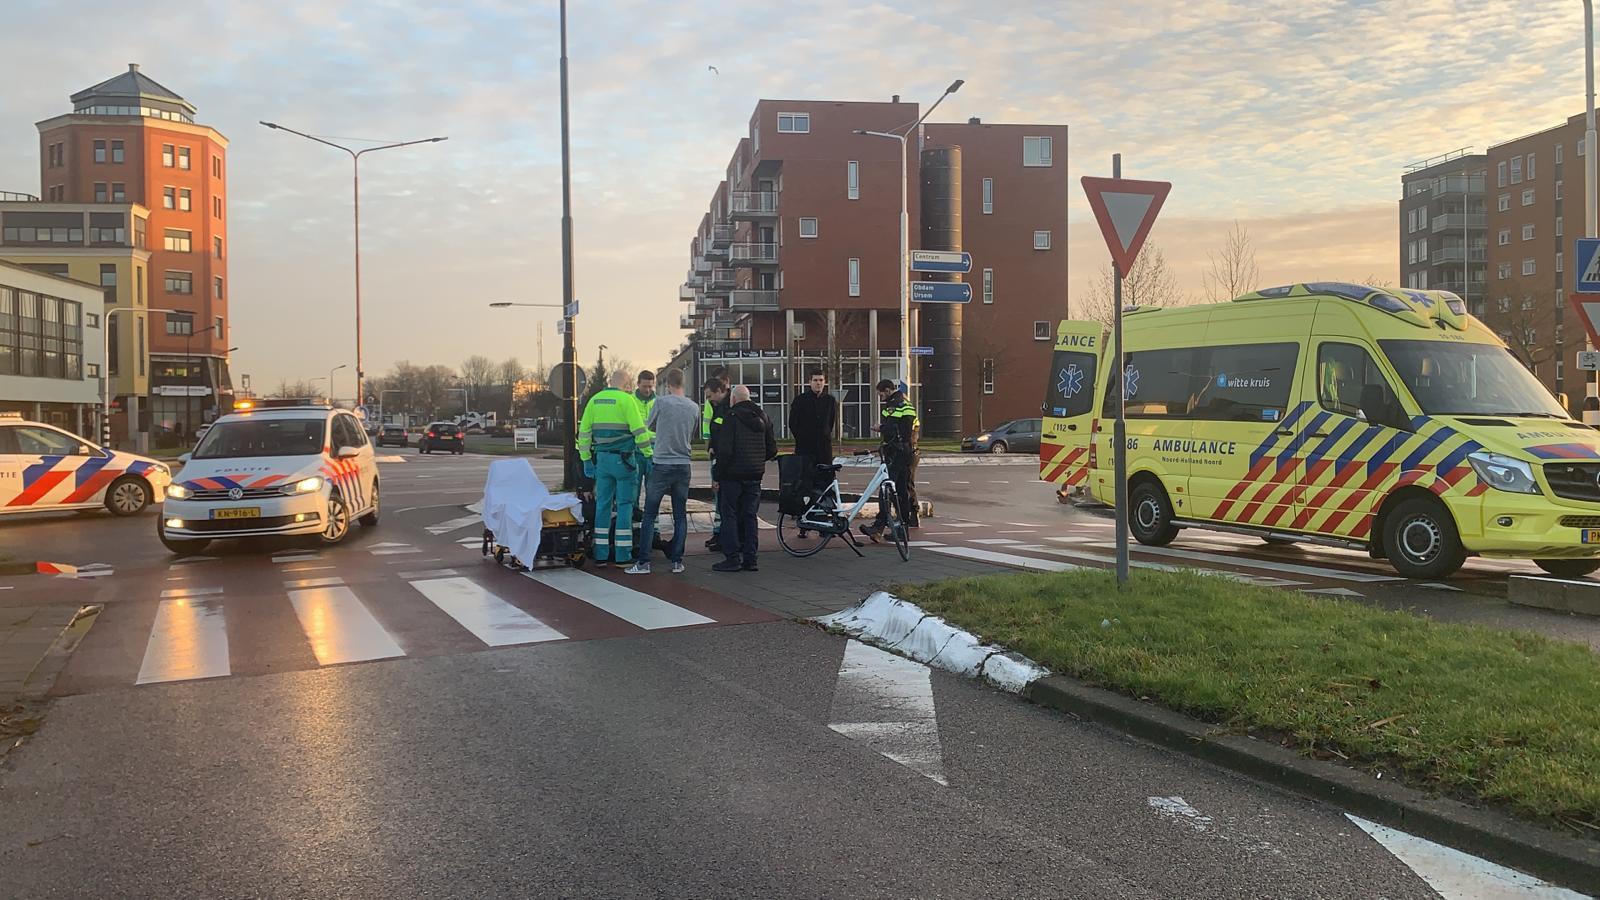 Vrouw gewond na aanrijding op gevaarlijk kruispunt in Heerhugowaard.